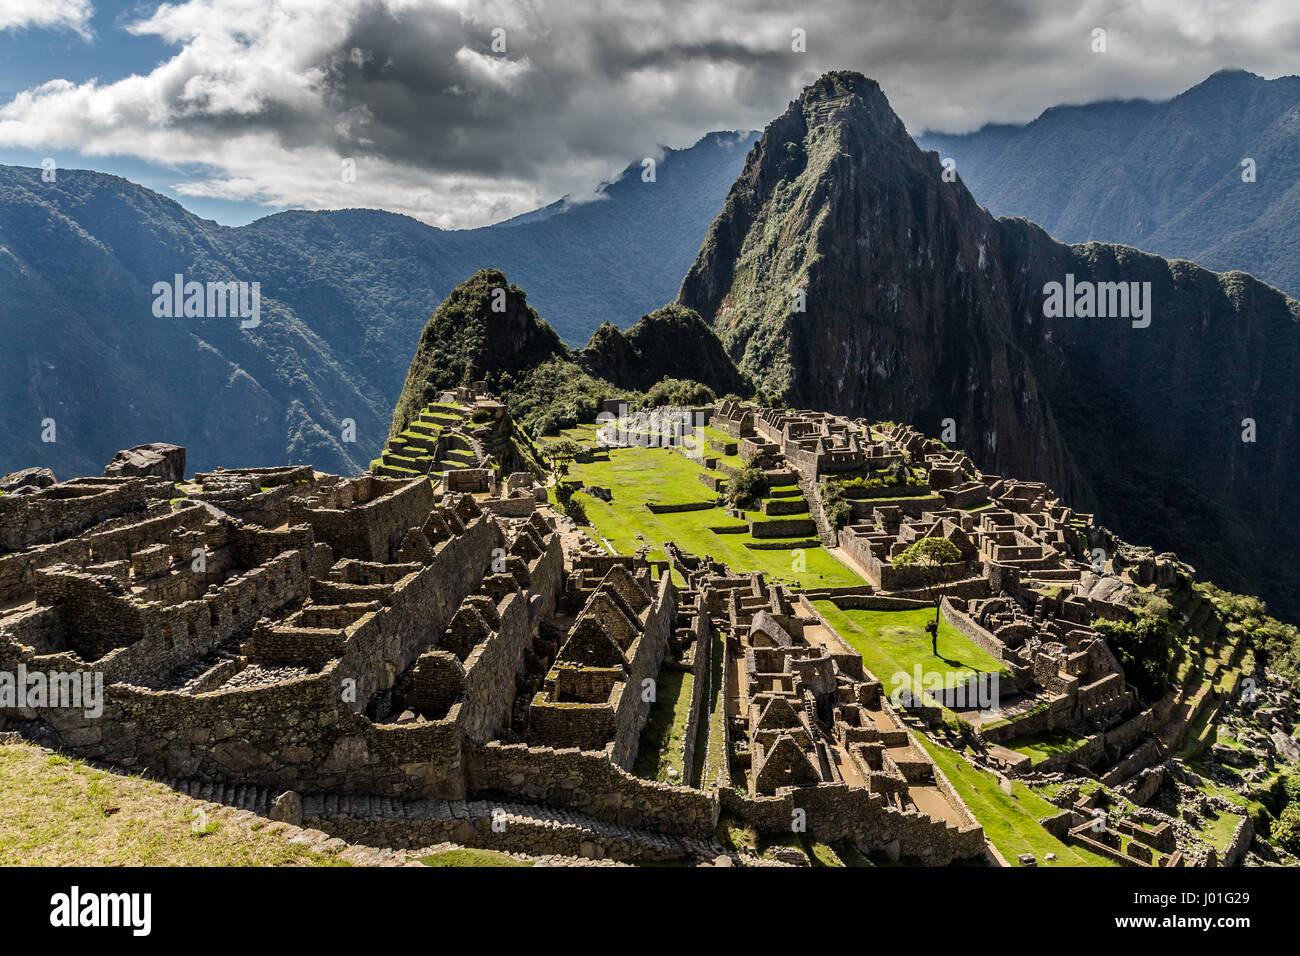 Vista panorámica desde la cima a antiguas ruinas incas y Wayna Picchu, Machu Picchu, Urubamba provnce, Perú Imagen De Stock